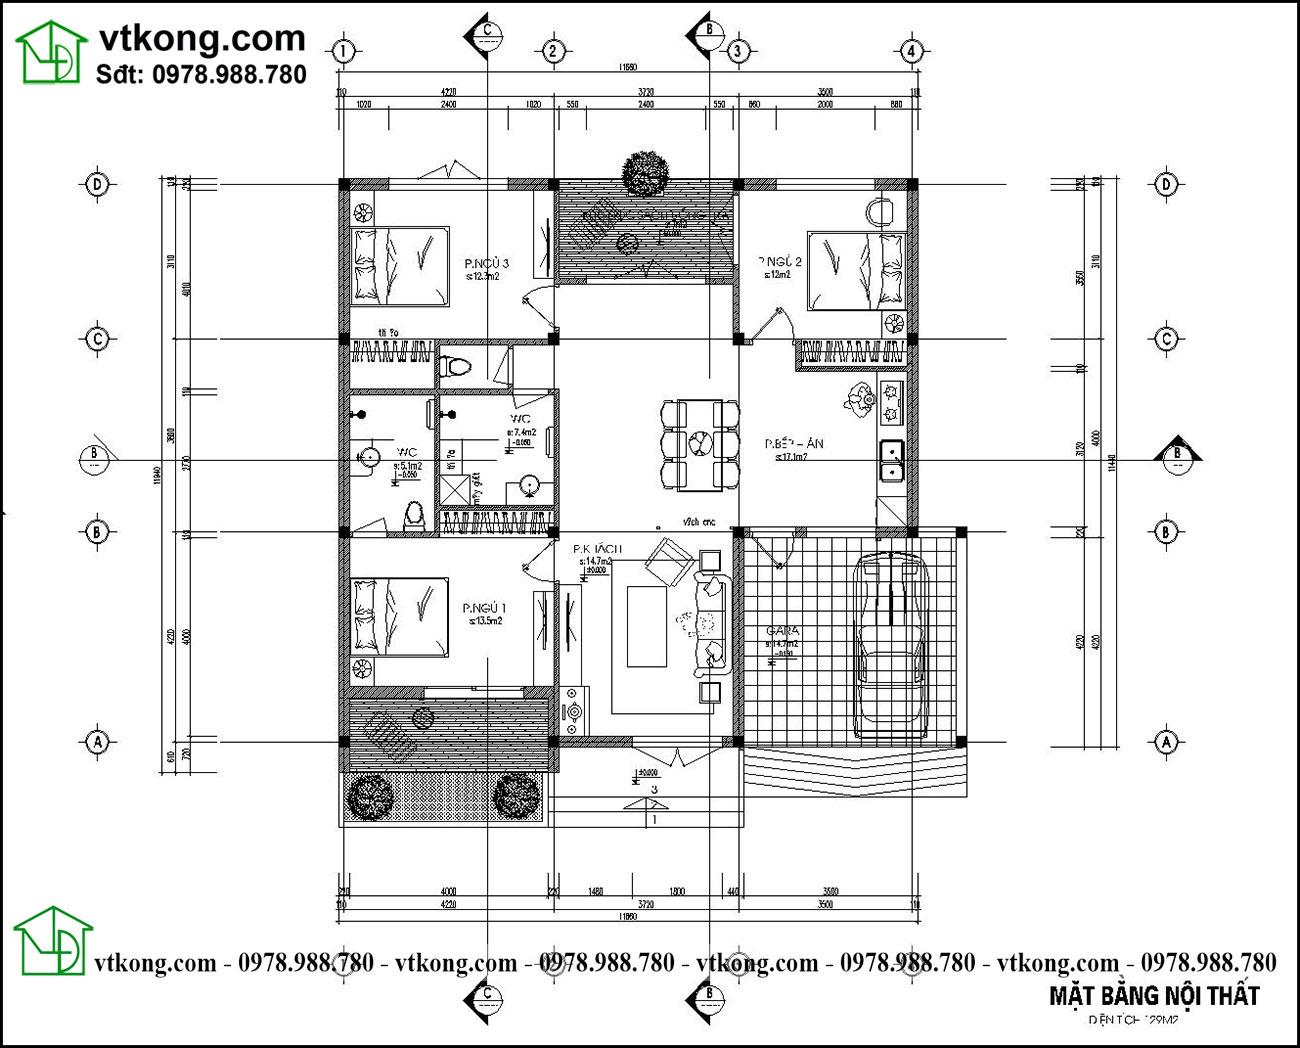 Thiết Kế Nhà Cấp 4 Kiểu Nhật 12x12m Có 3 Phòng Ngủ Nc474